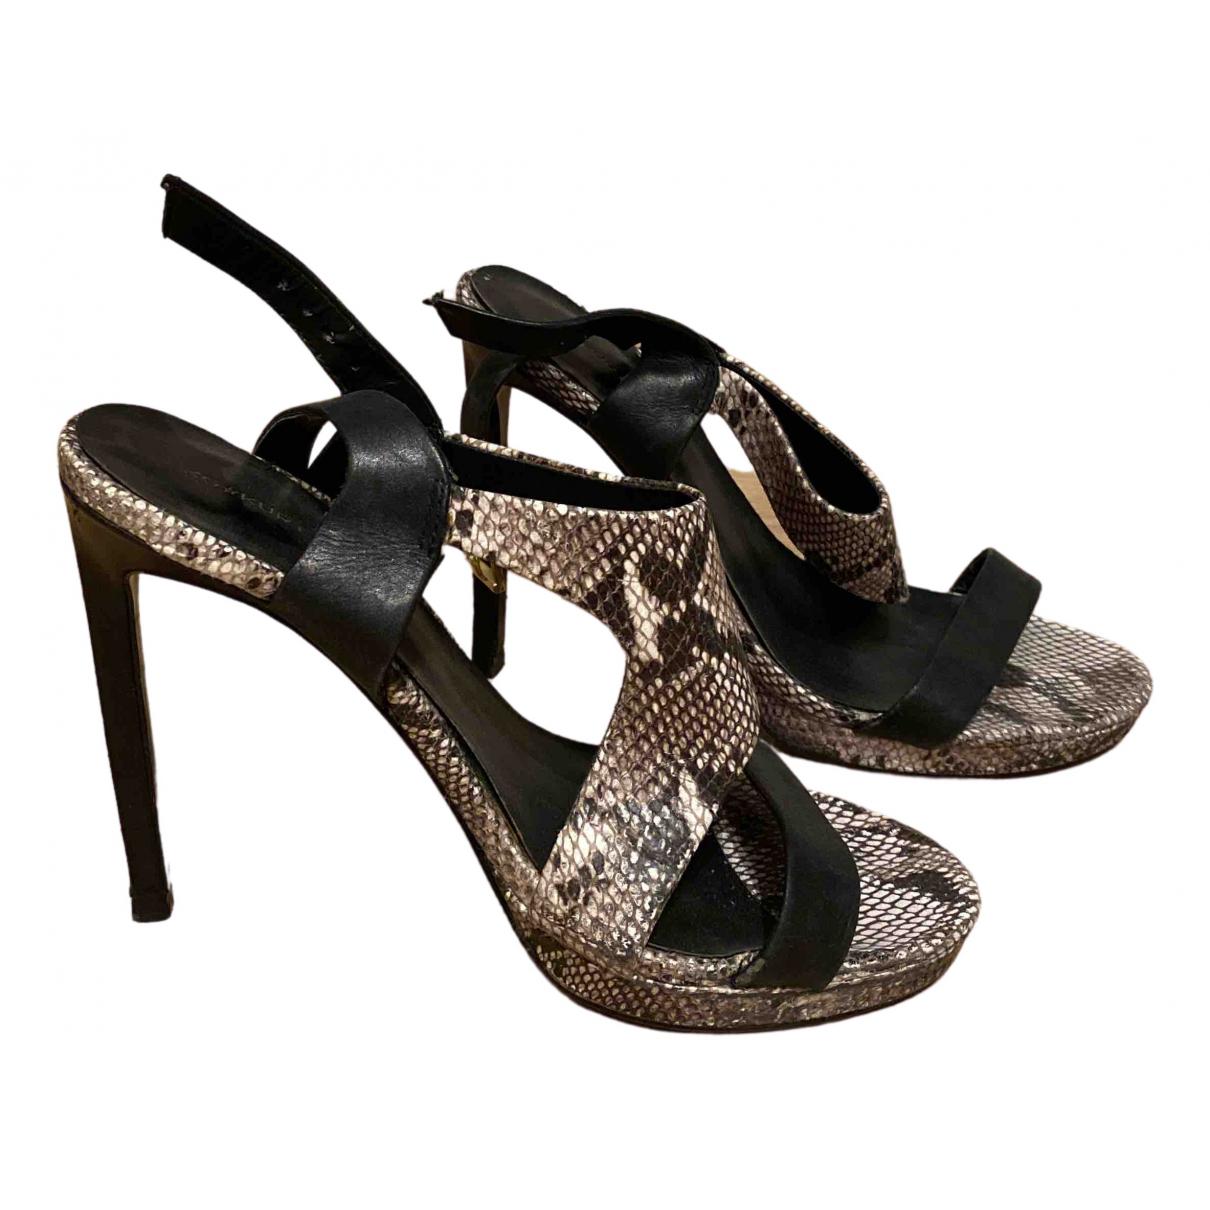 Kurt Geiger \N Leather Heels for Women 38 EU